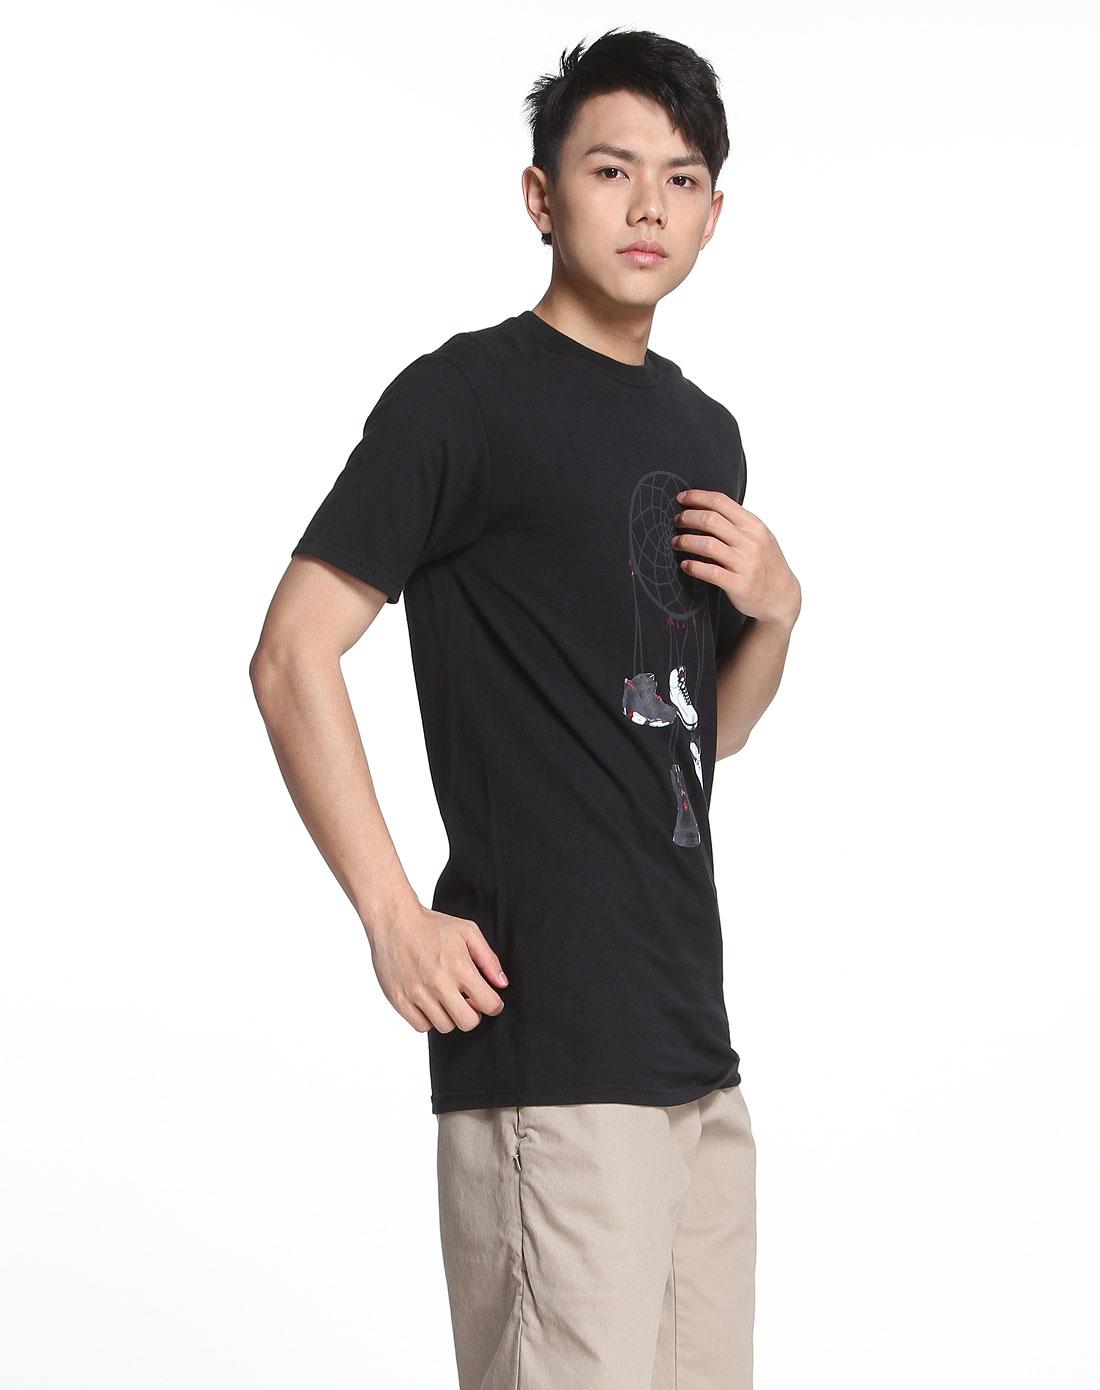 耐克nike男款鞋子图案黑色圆领短袖t恤373878-010